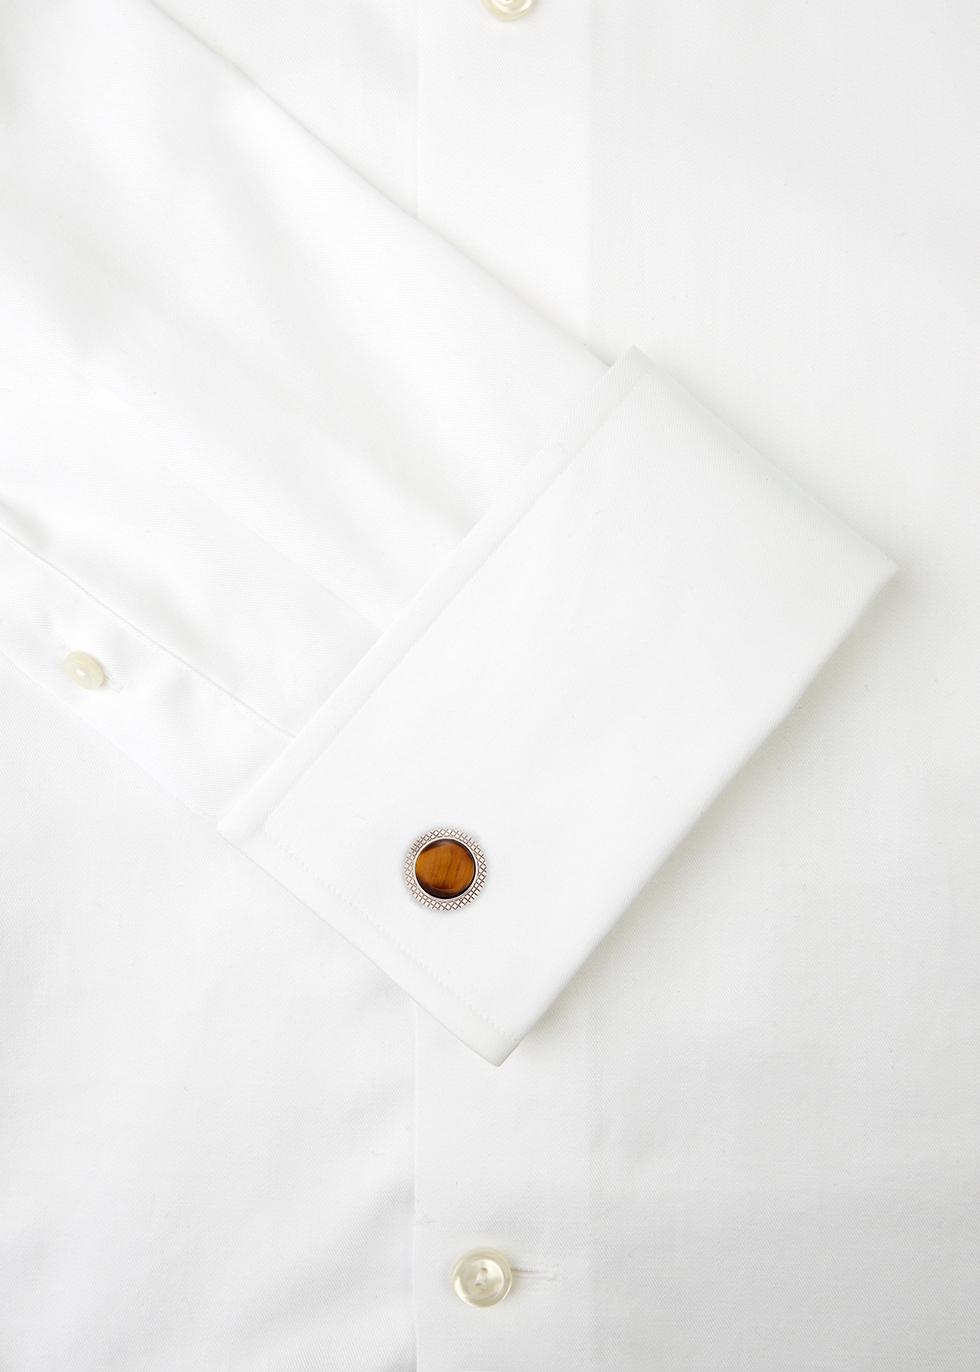 Bullseye sterling silver cufflinks - Tateossian